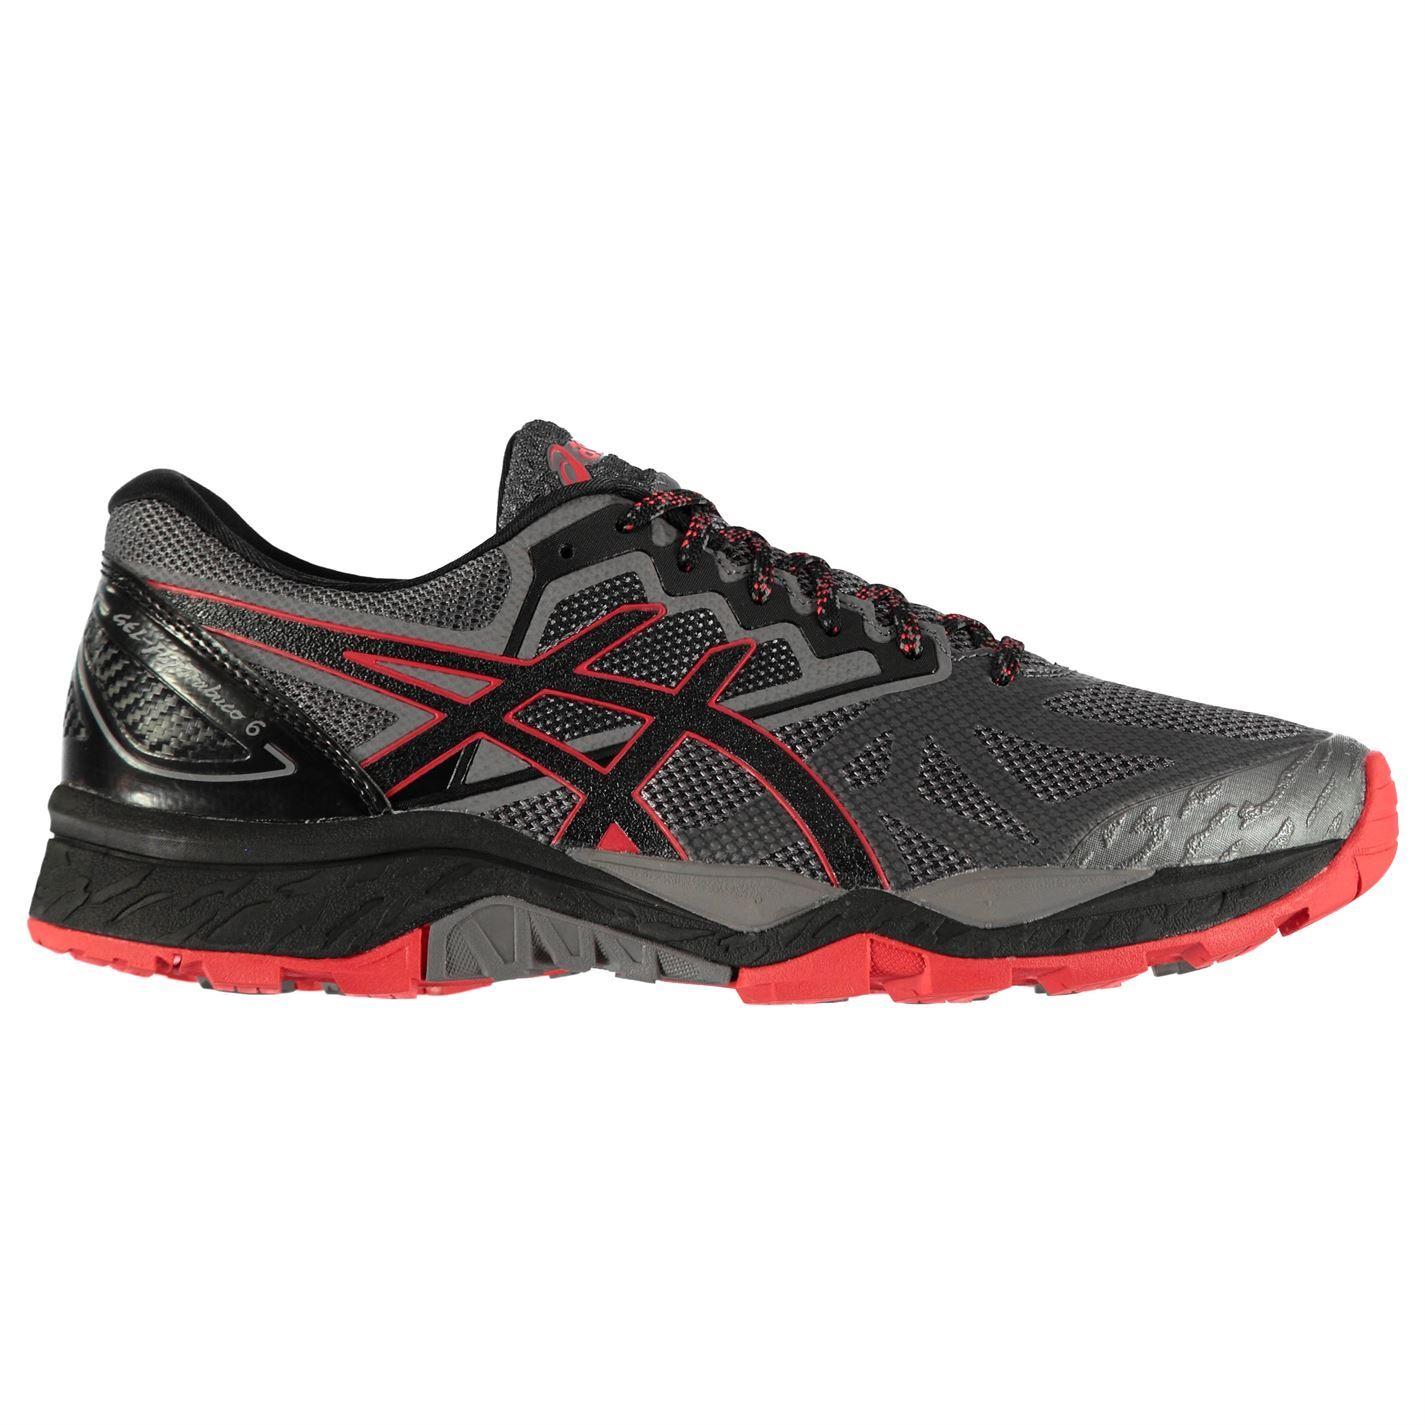 Asics  Herren Fujitrabuco Fujitrabuco Herren 6 Trail Running Schuhes Lightweight Studs 061e27